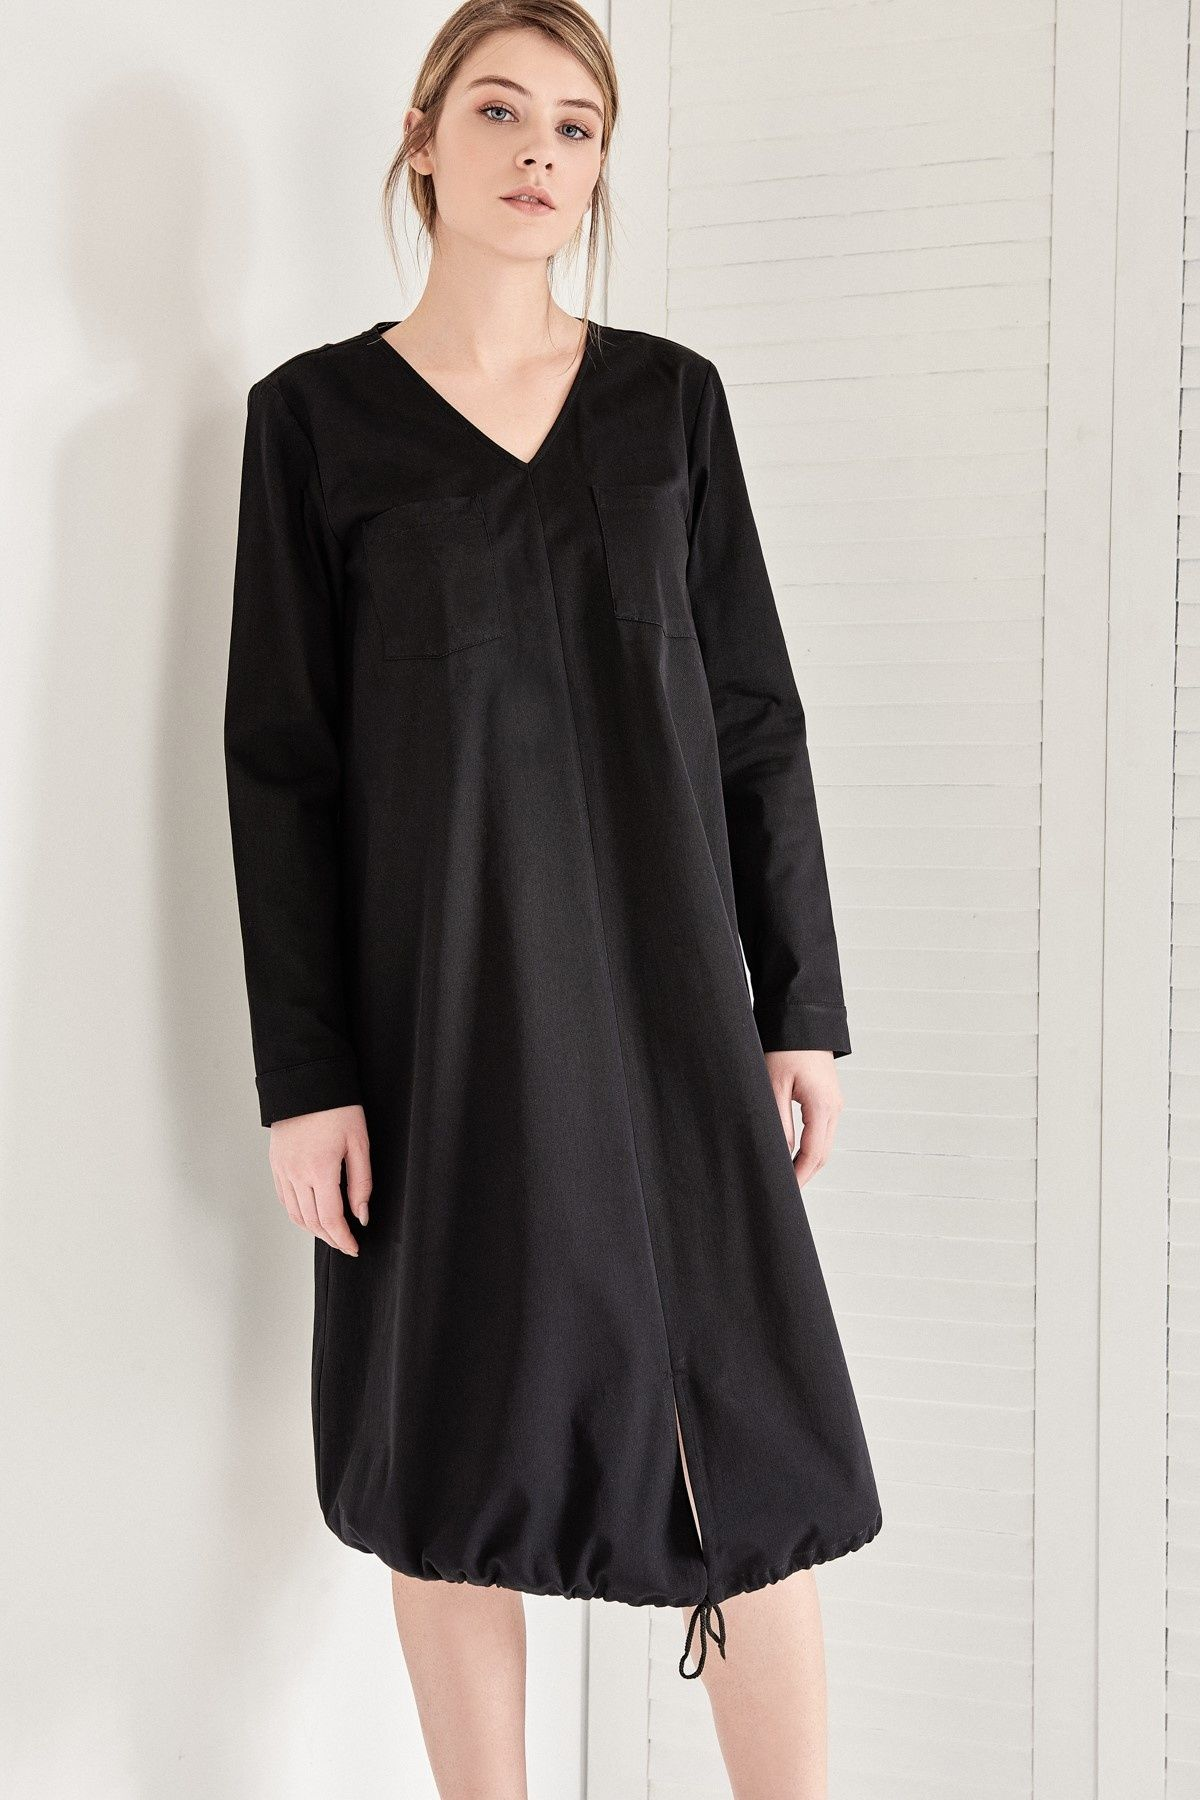 Modelleri ve elbise fiyatlar modasor com pictures to pin on pinterest - Siyah Uzun Kol Midi Elbise Vavist By Trendyol Trendyol